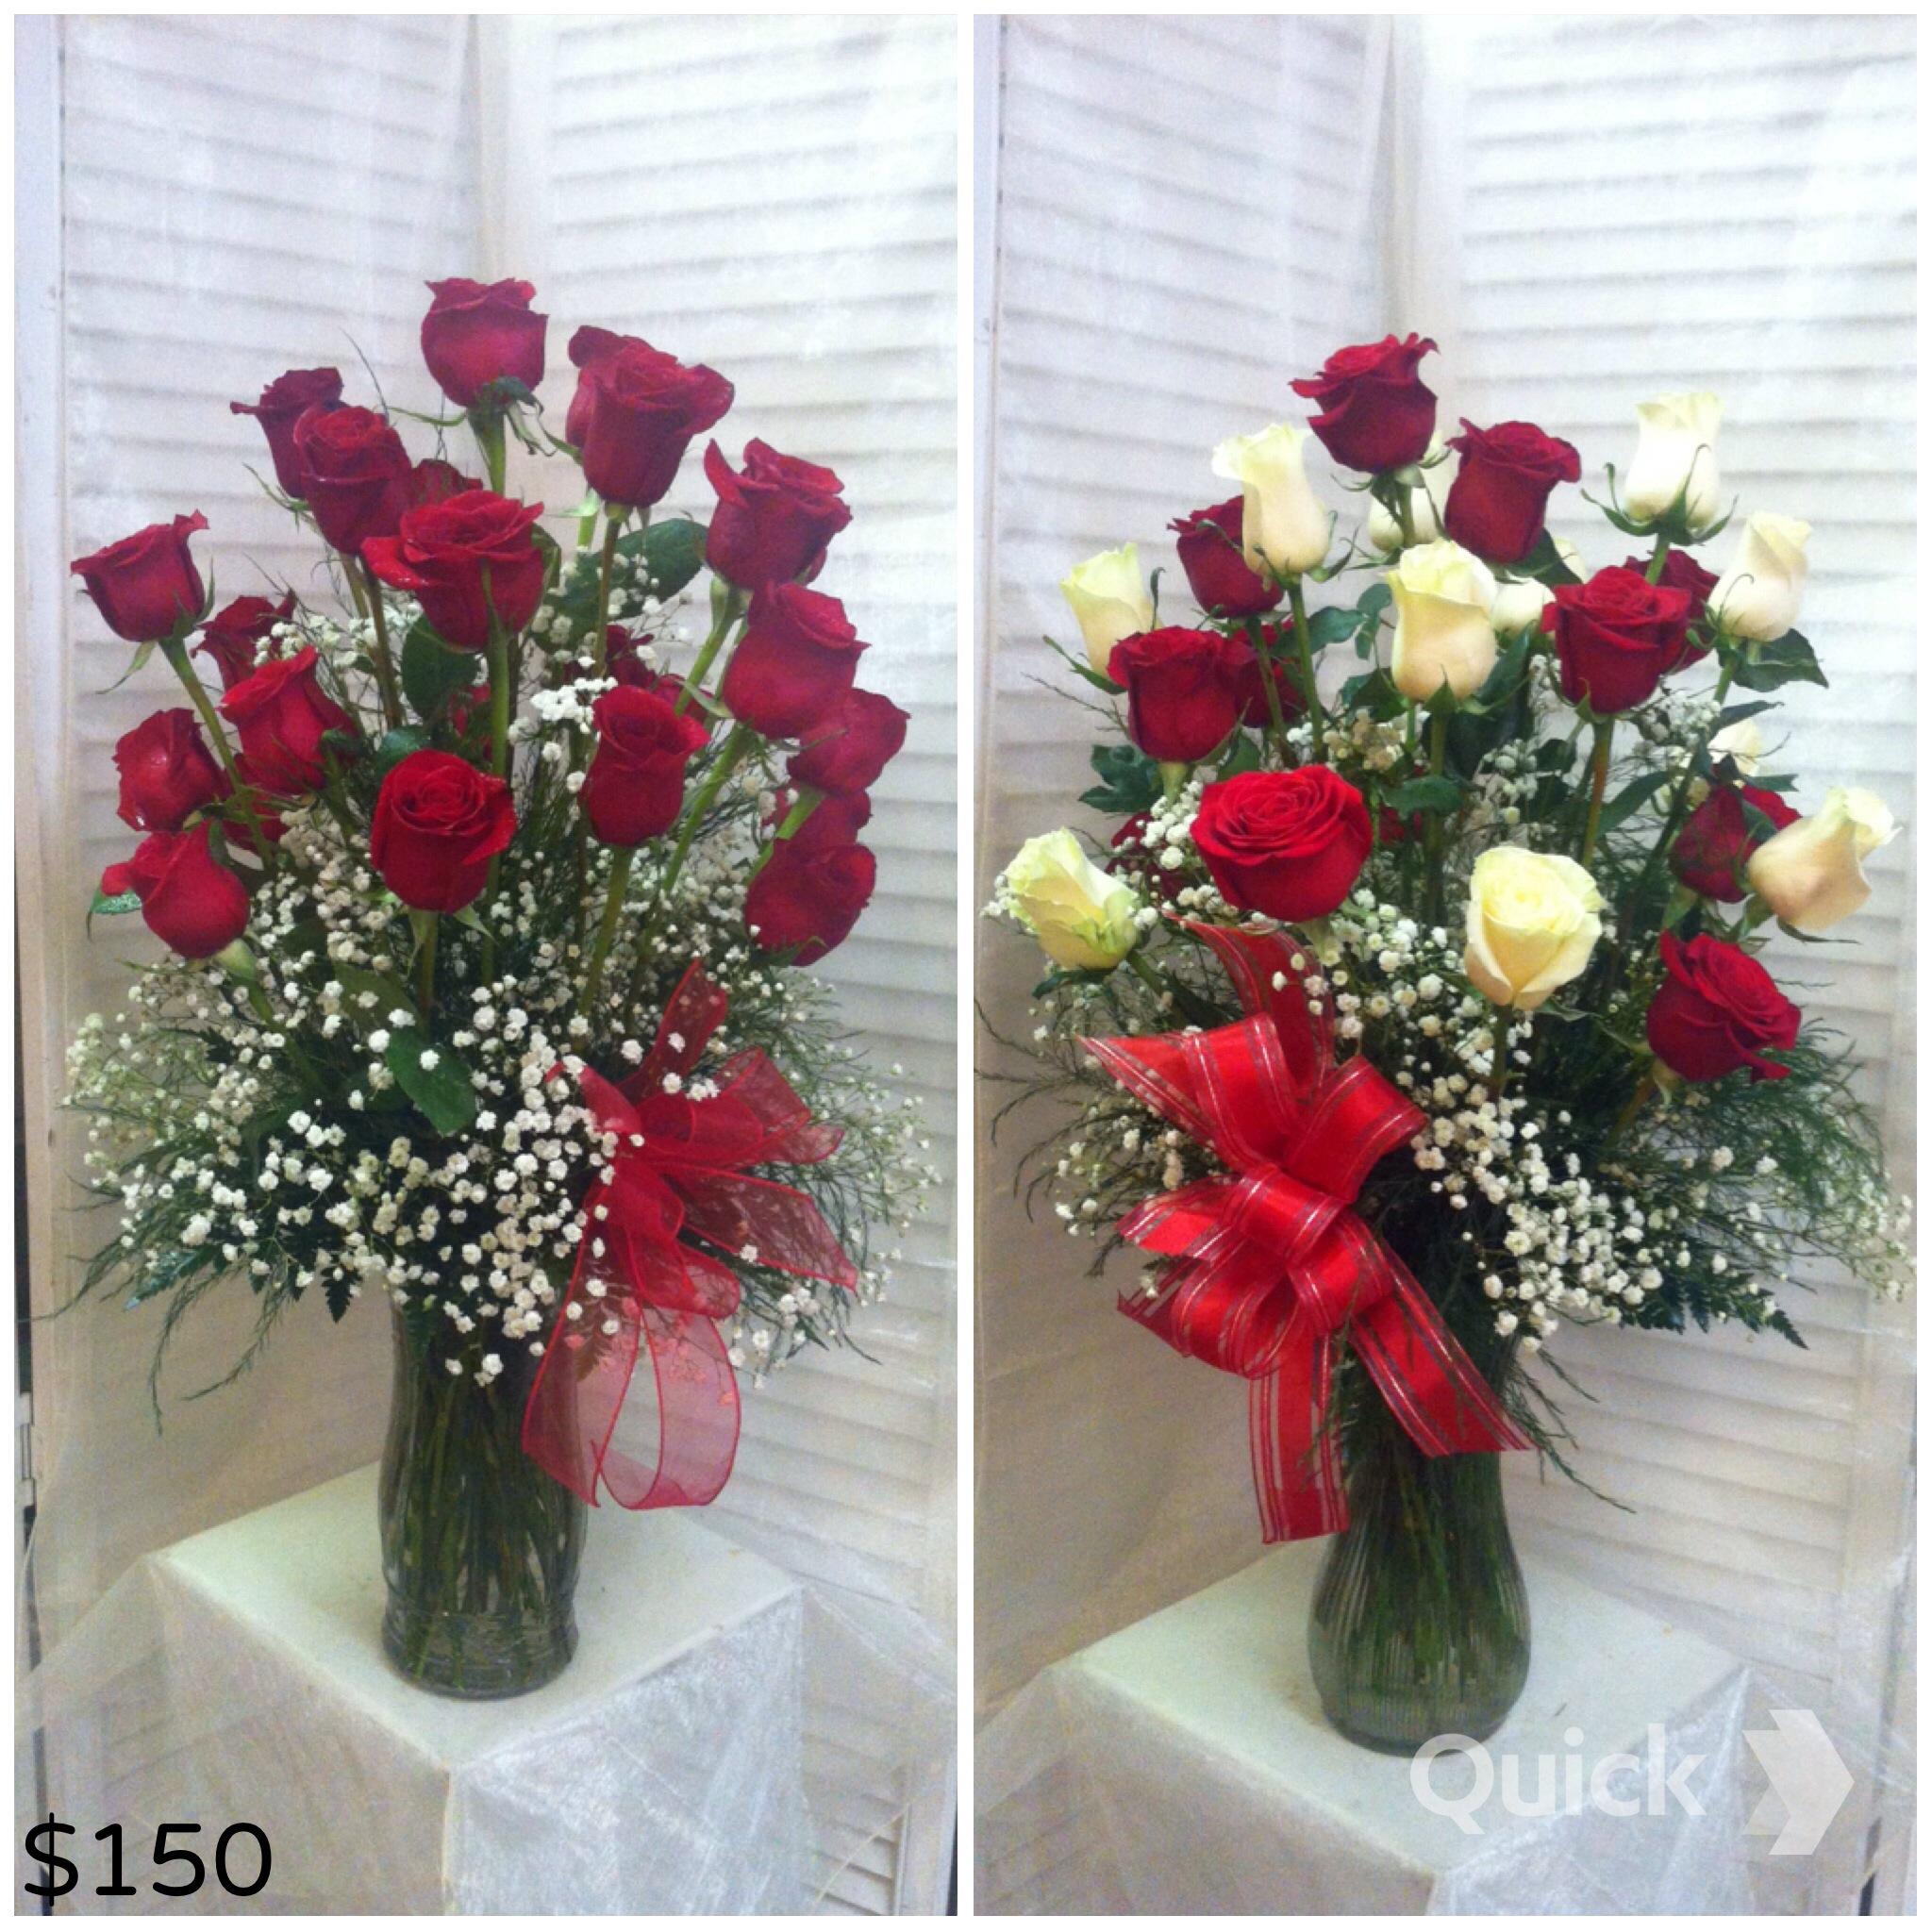 Standard Two Dozen Roses